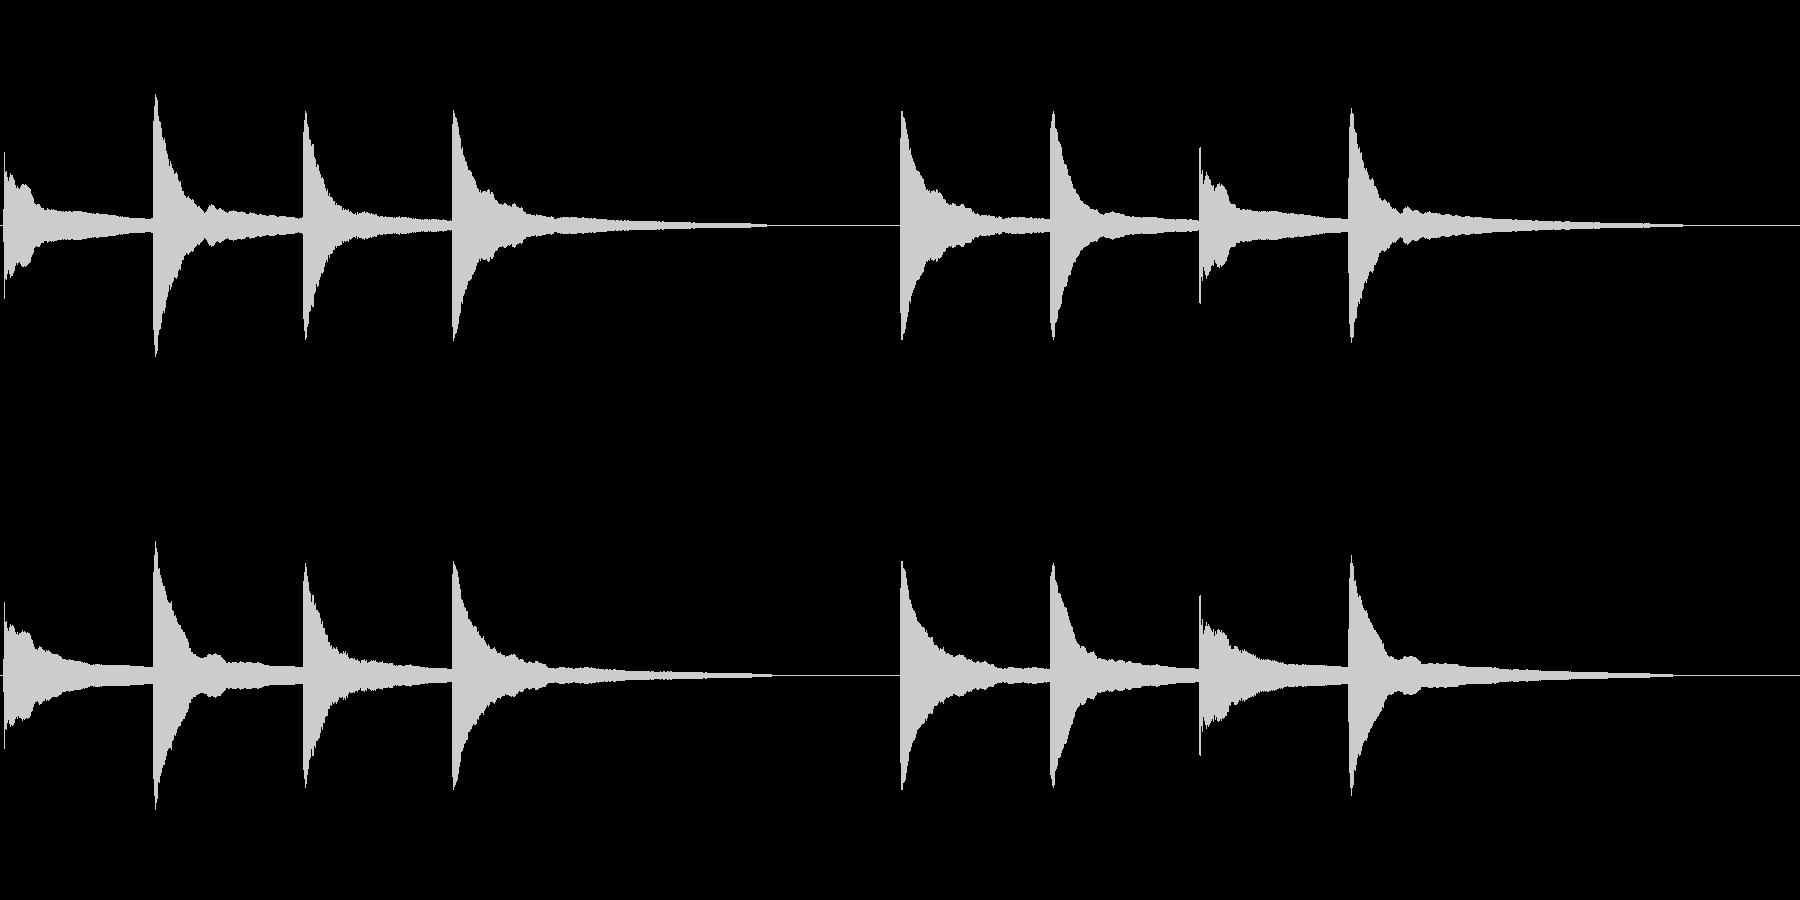 ピンポンパンポン (5) の未再生の波形